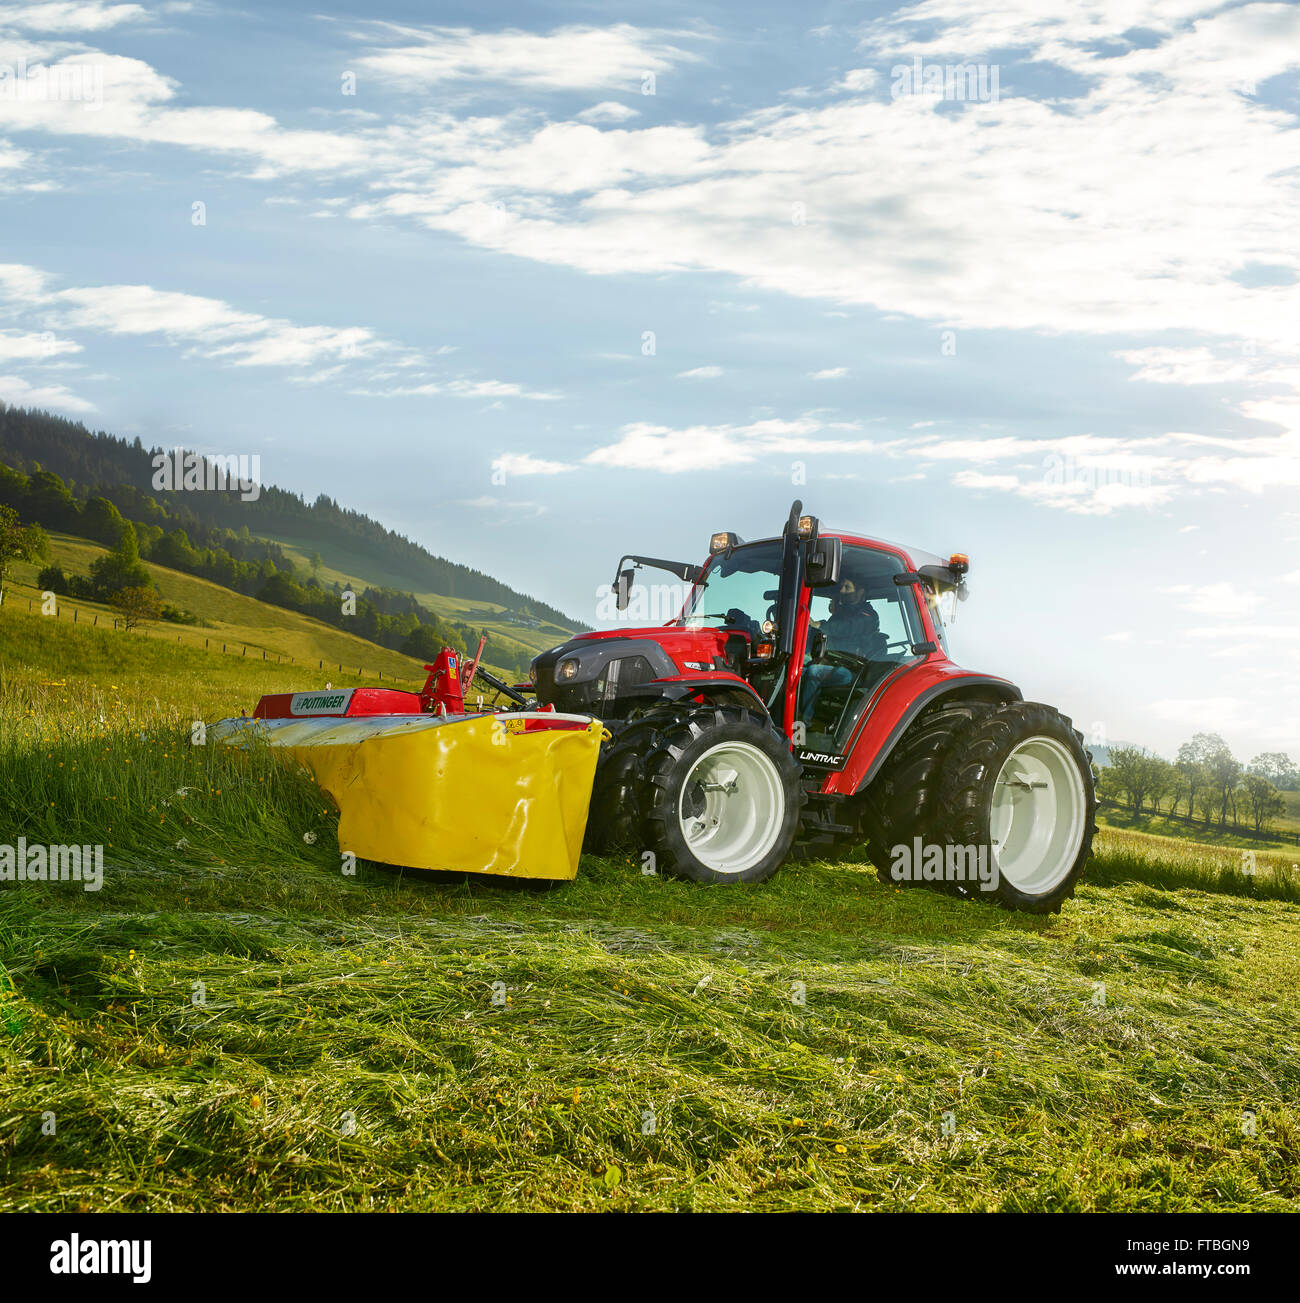 Trattore con ruote gemellate la falciatura di un campo, Hopfgarten, Brixental Tirolo, Austria Immagini Stock